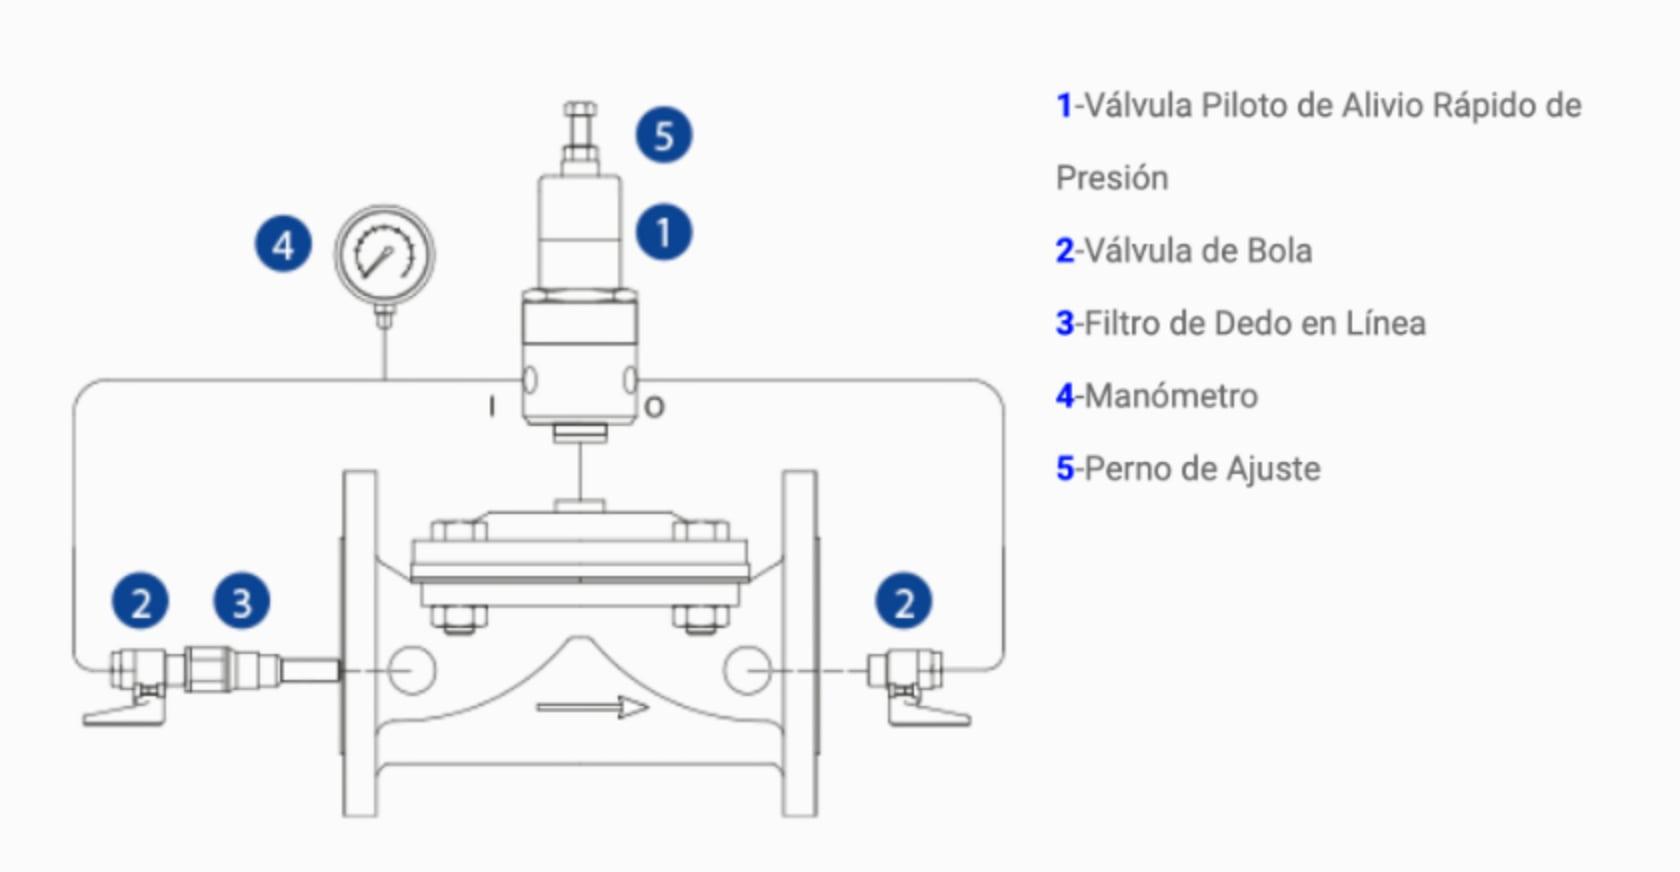 Componentes valvula alivio rapido de presion